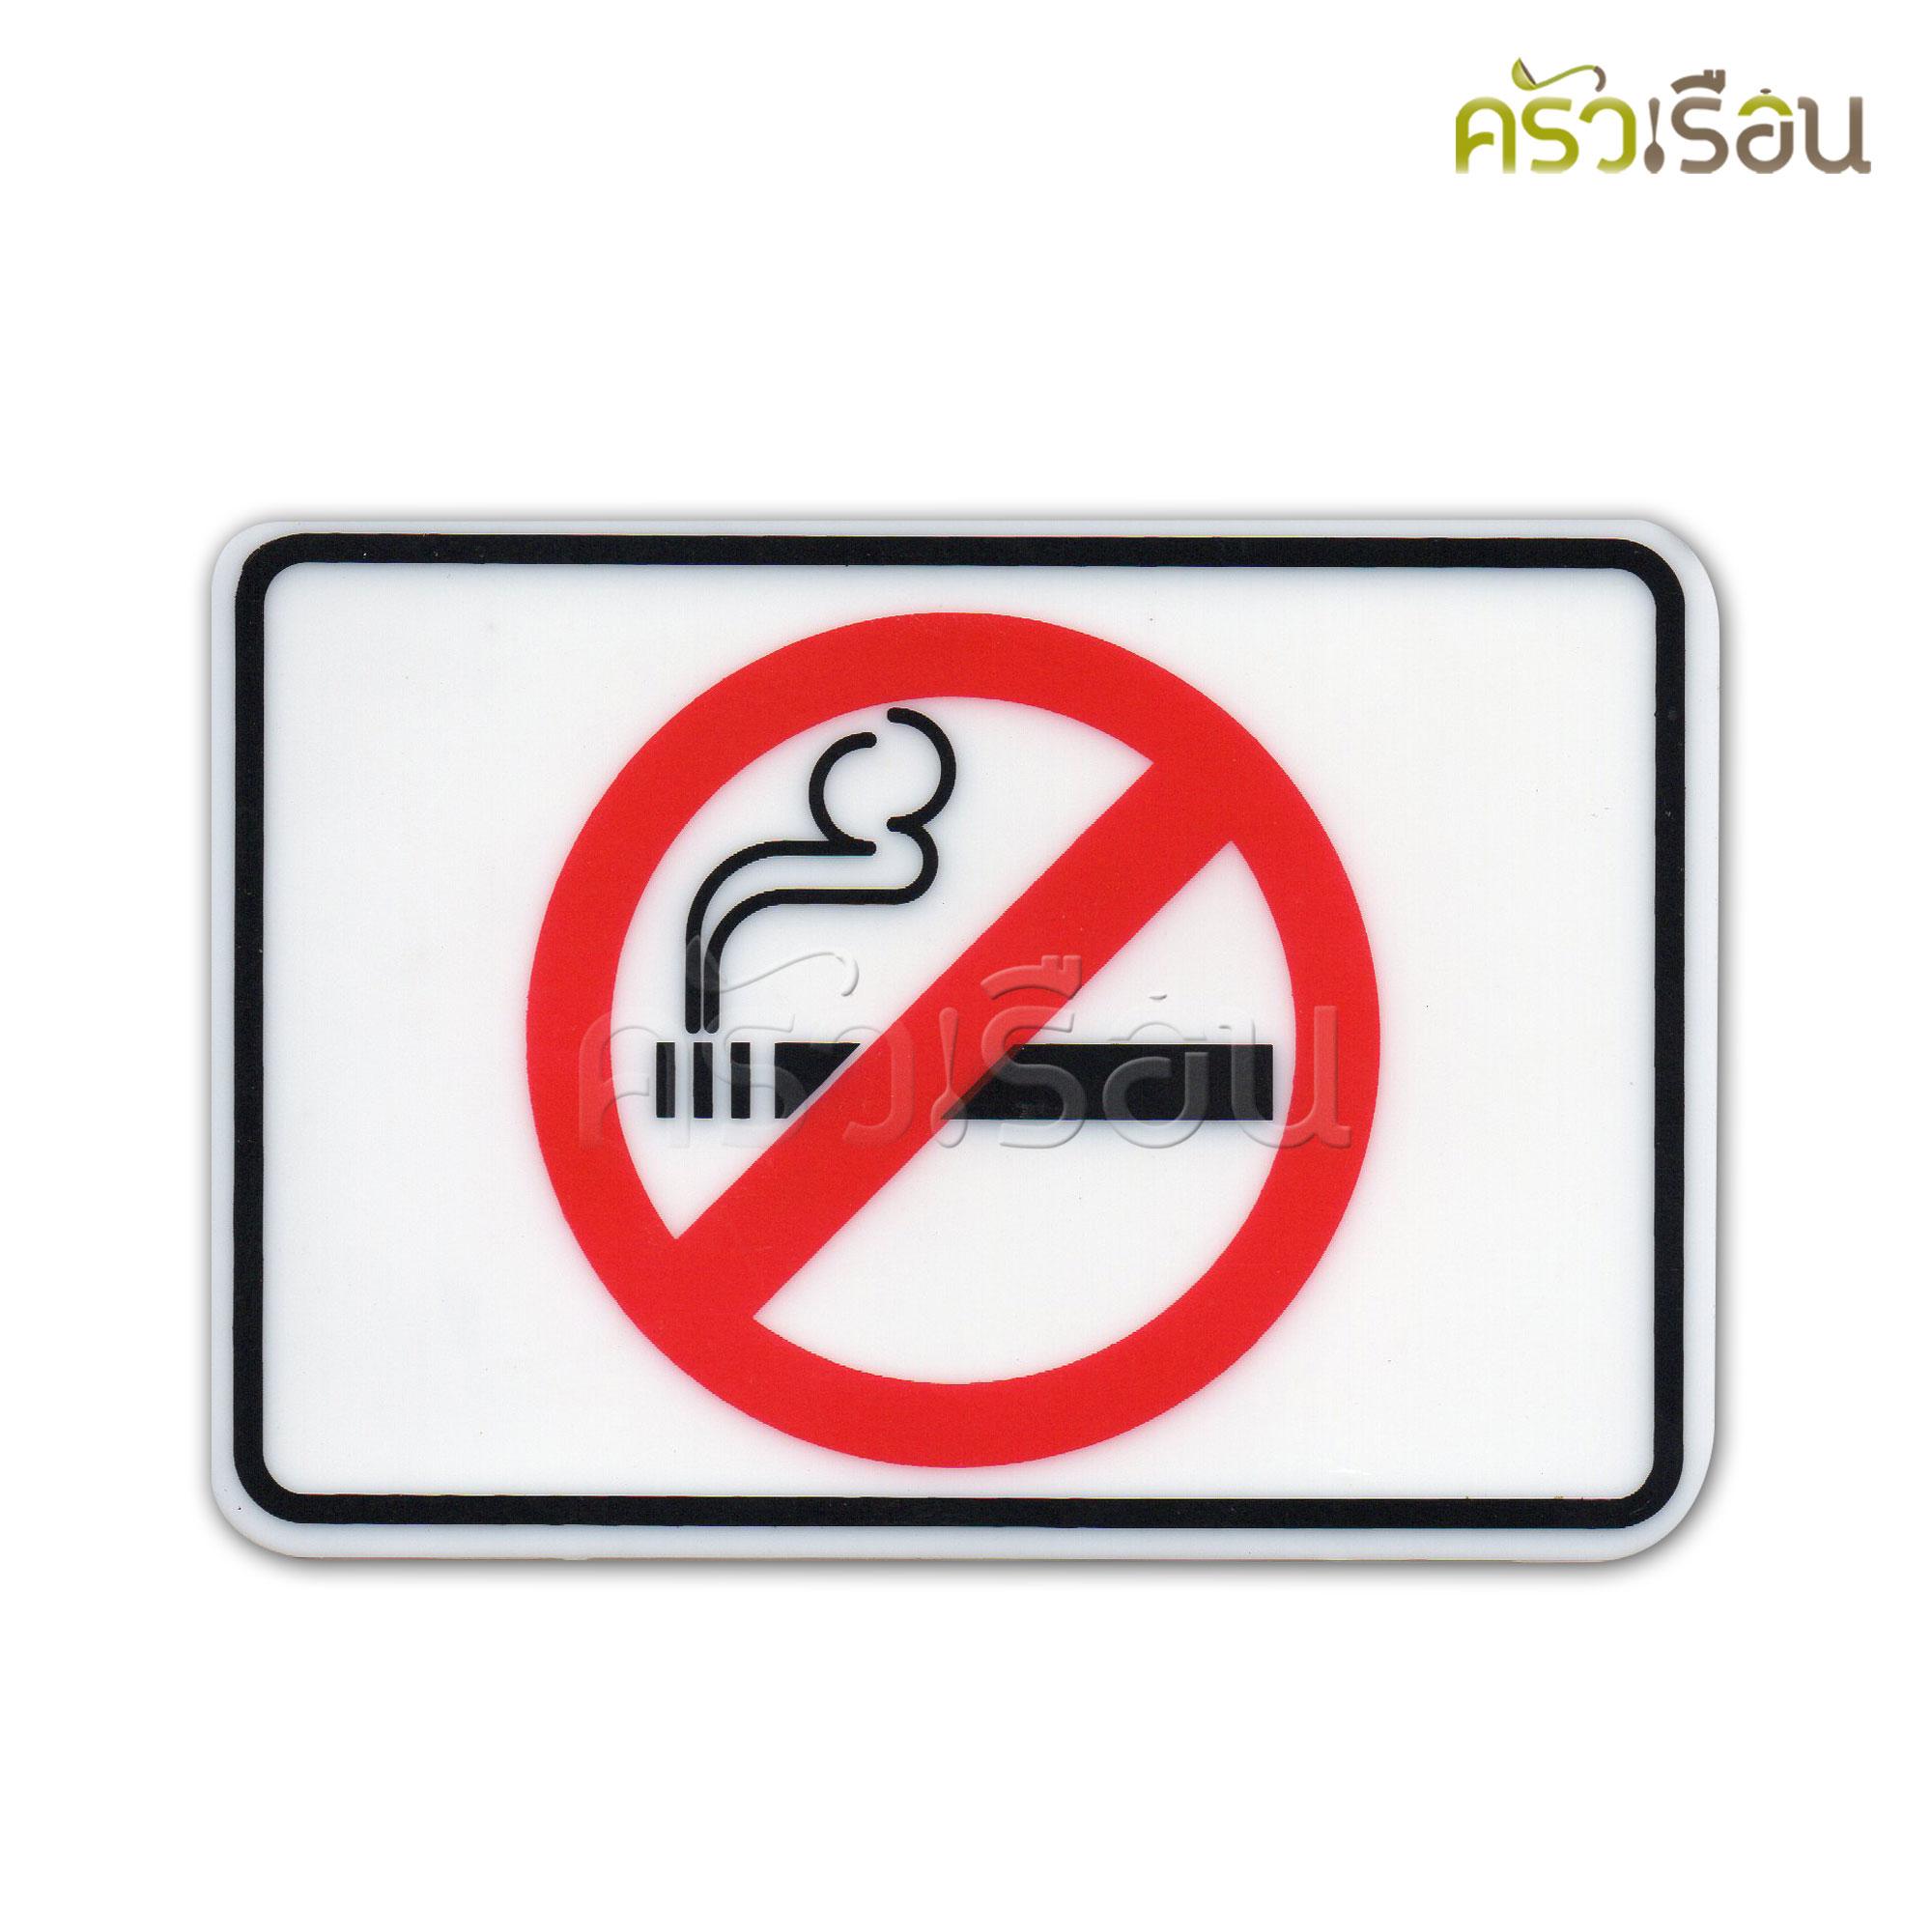 ป้าย - สัญลักษณ์ห้ามสูบบุหรี่